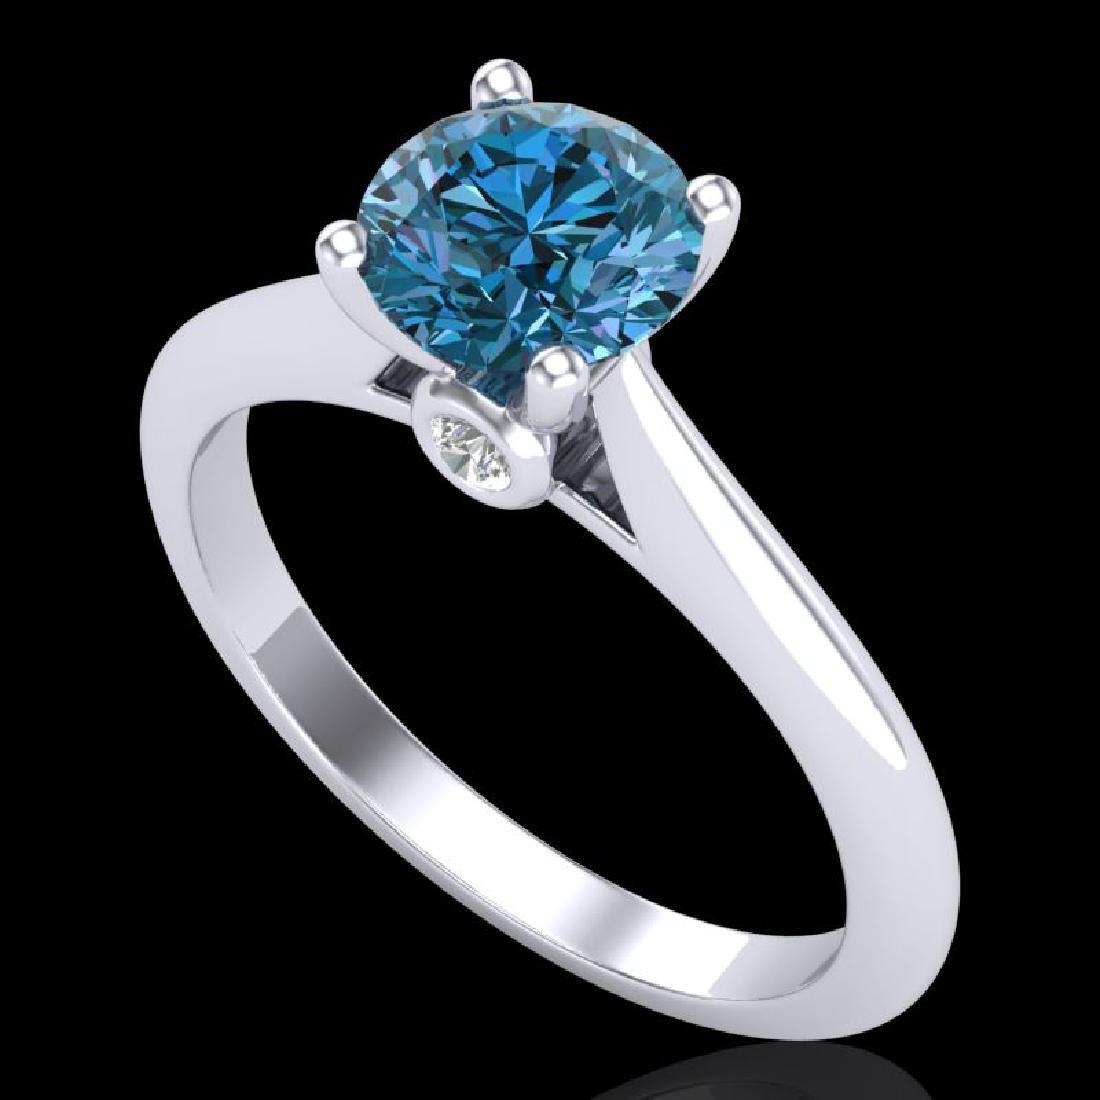 1.08 CTW Fancy Intense Blue Diamond Solitaire Art Deco